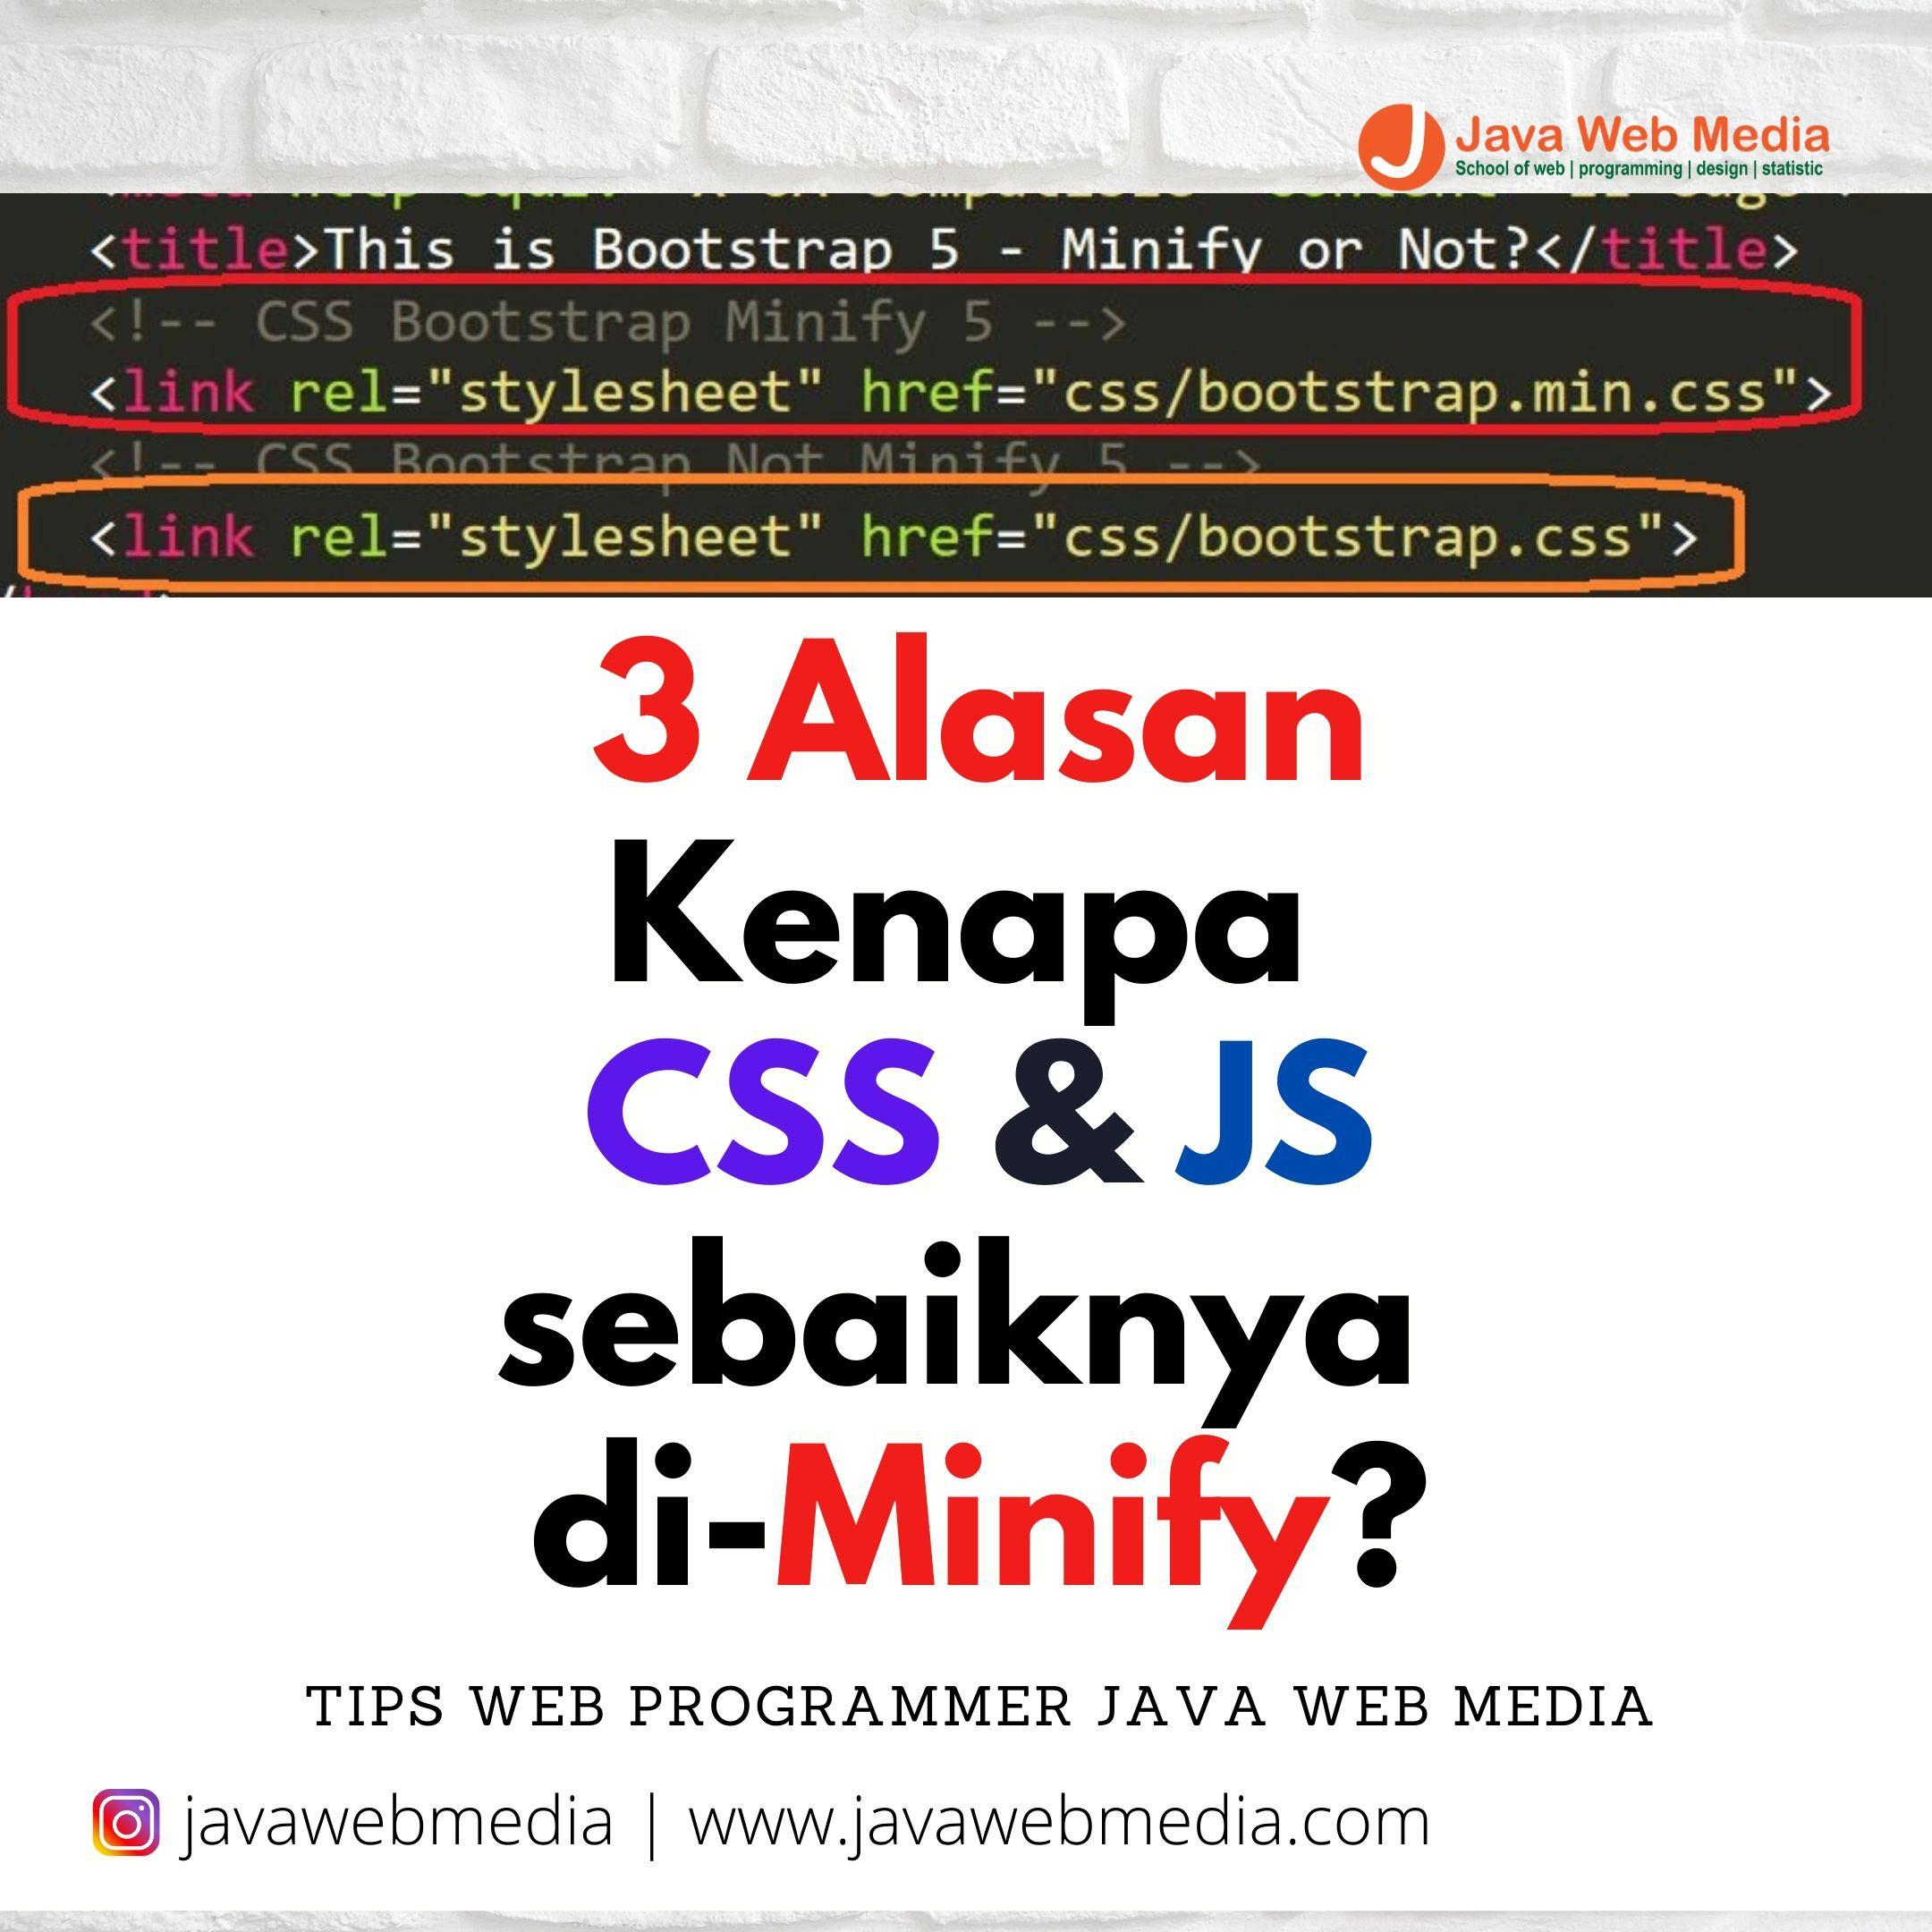 >3 Alasan Kenapa CSS & JS sebaiknya di-Minify?